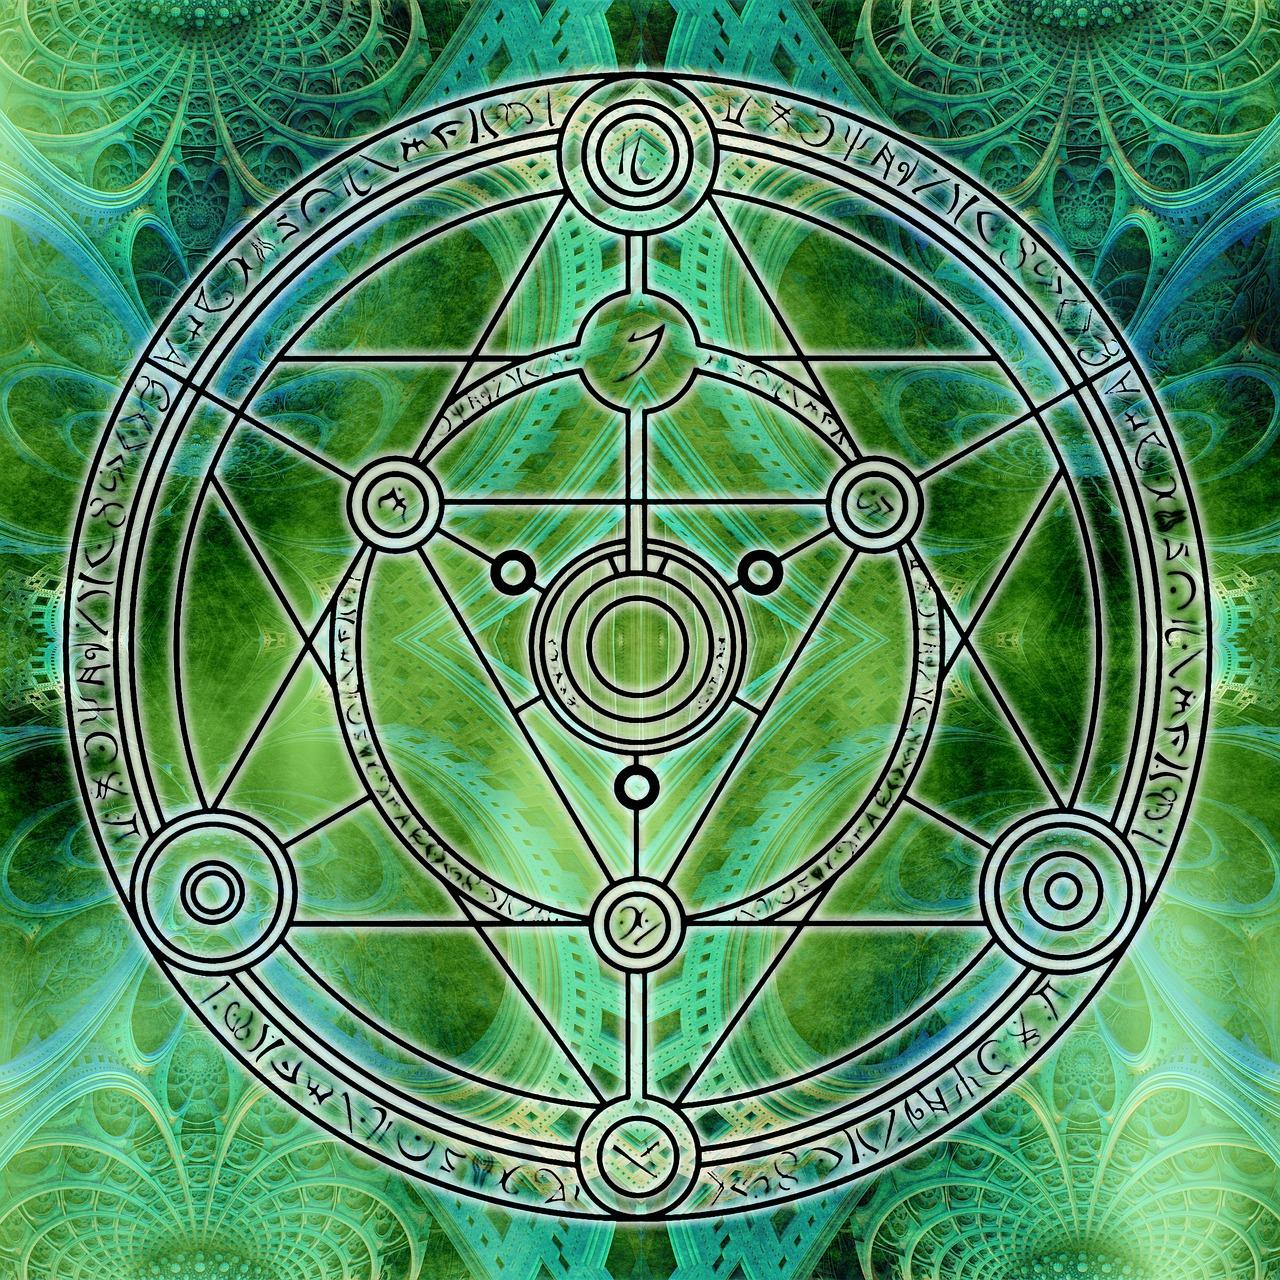 Citation Les Runes pour avancer sur notre Chemin de Vie